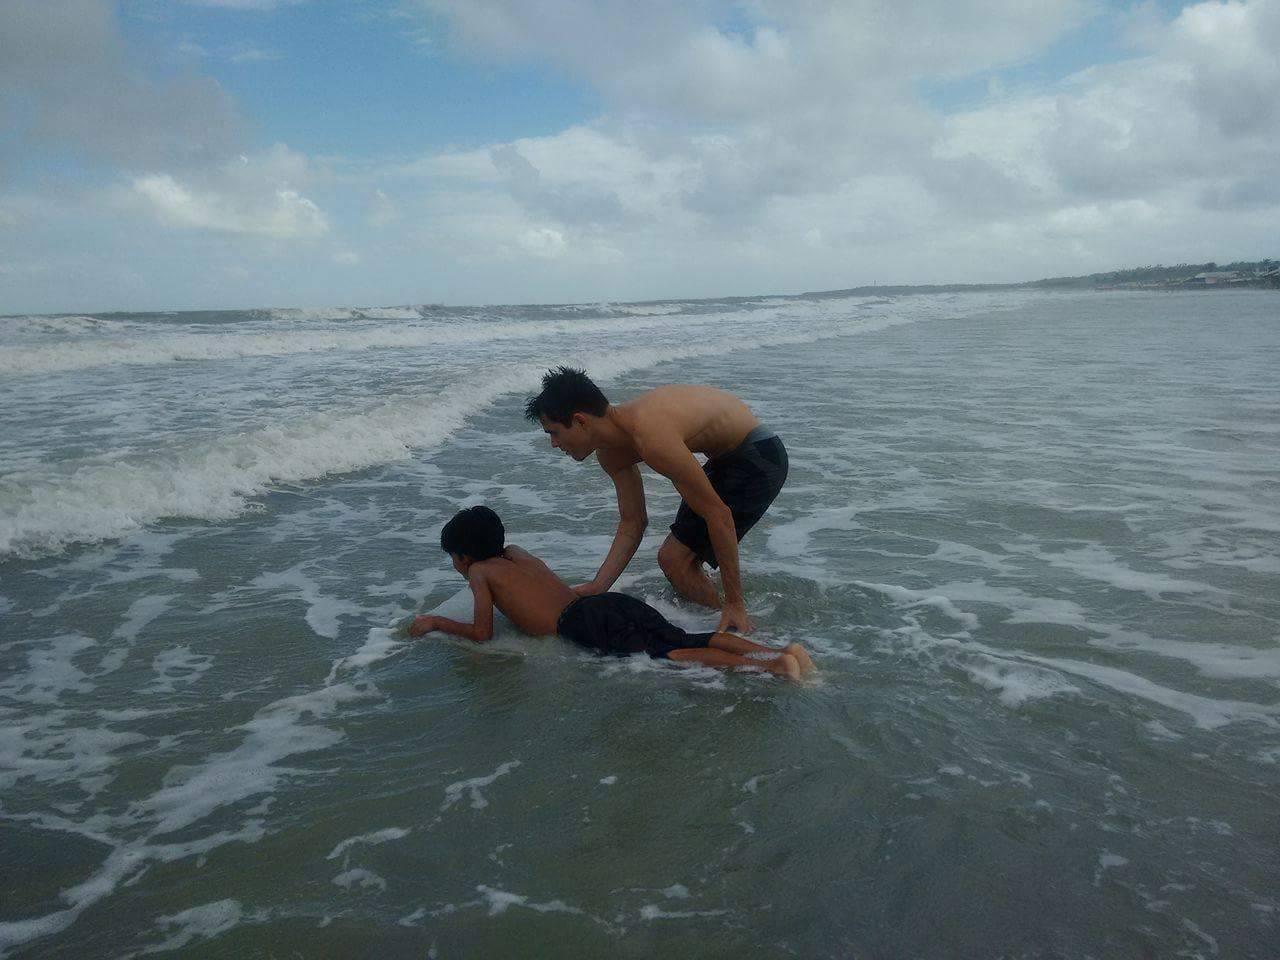 Projeto de surf tira jovens de baixa renda das ruas em São Luís-MA 3